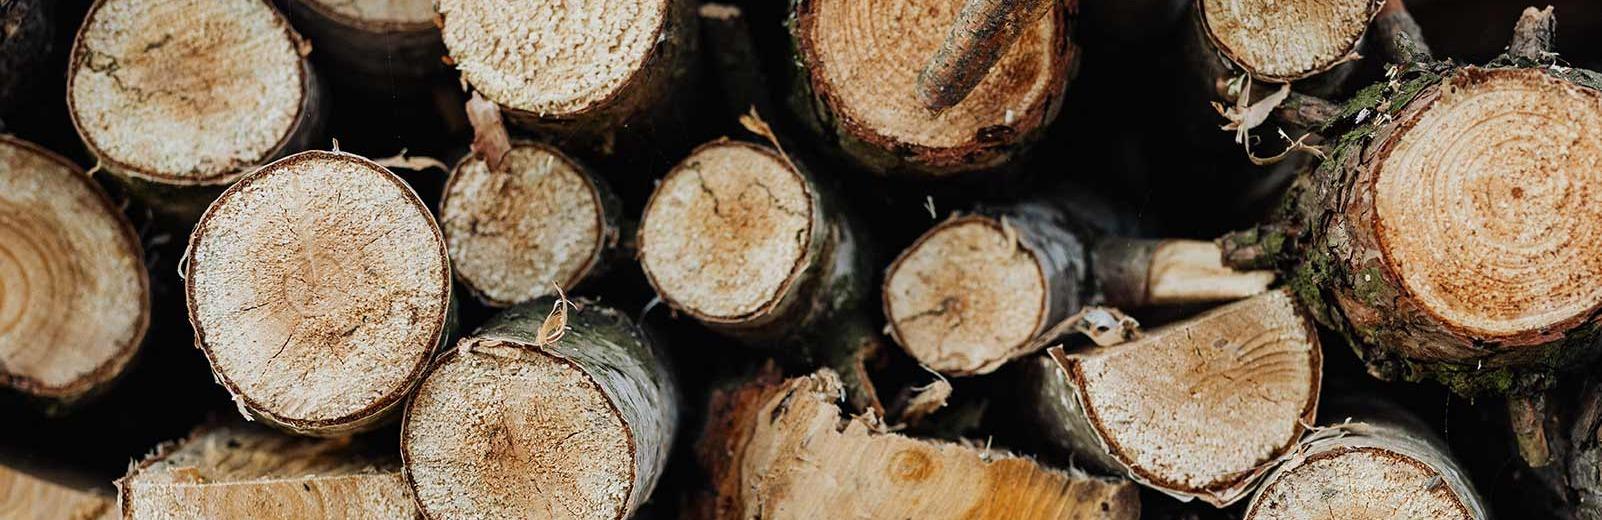 Outdoor wood fires